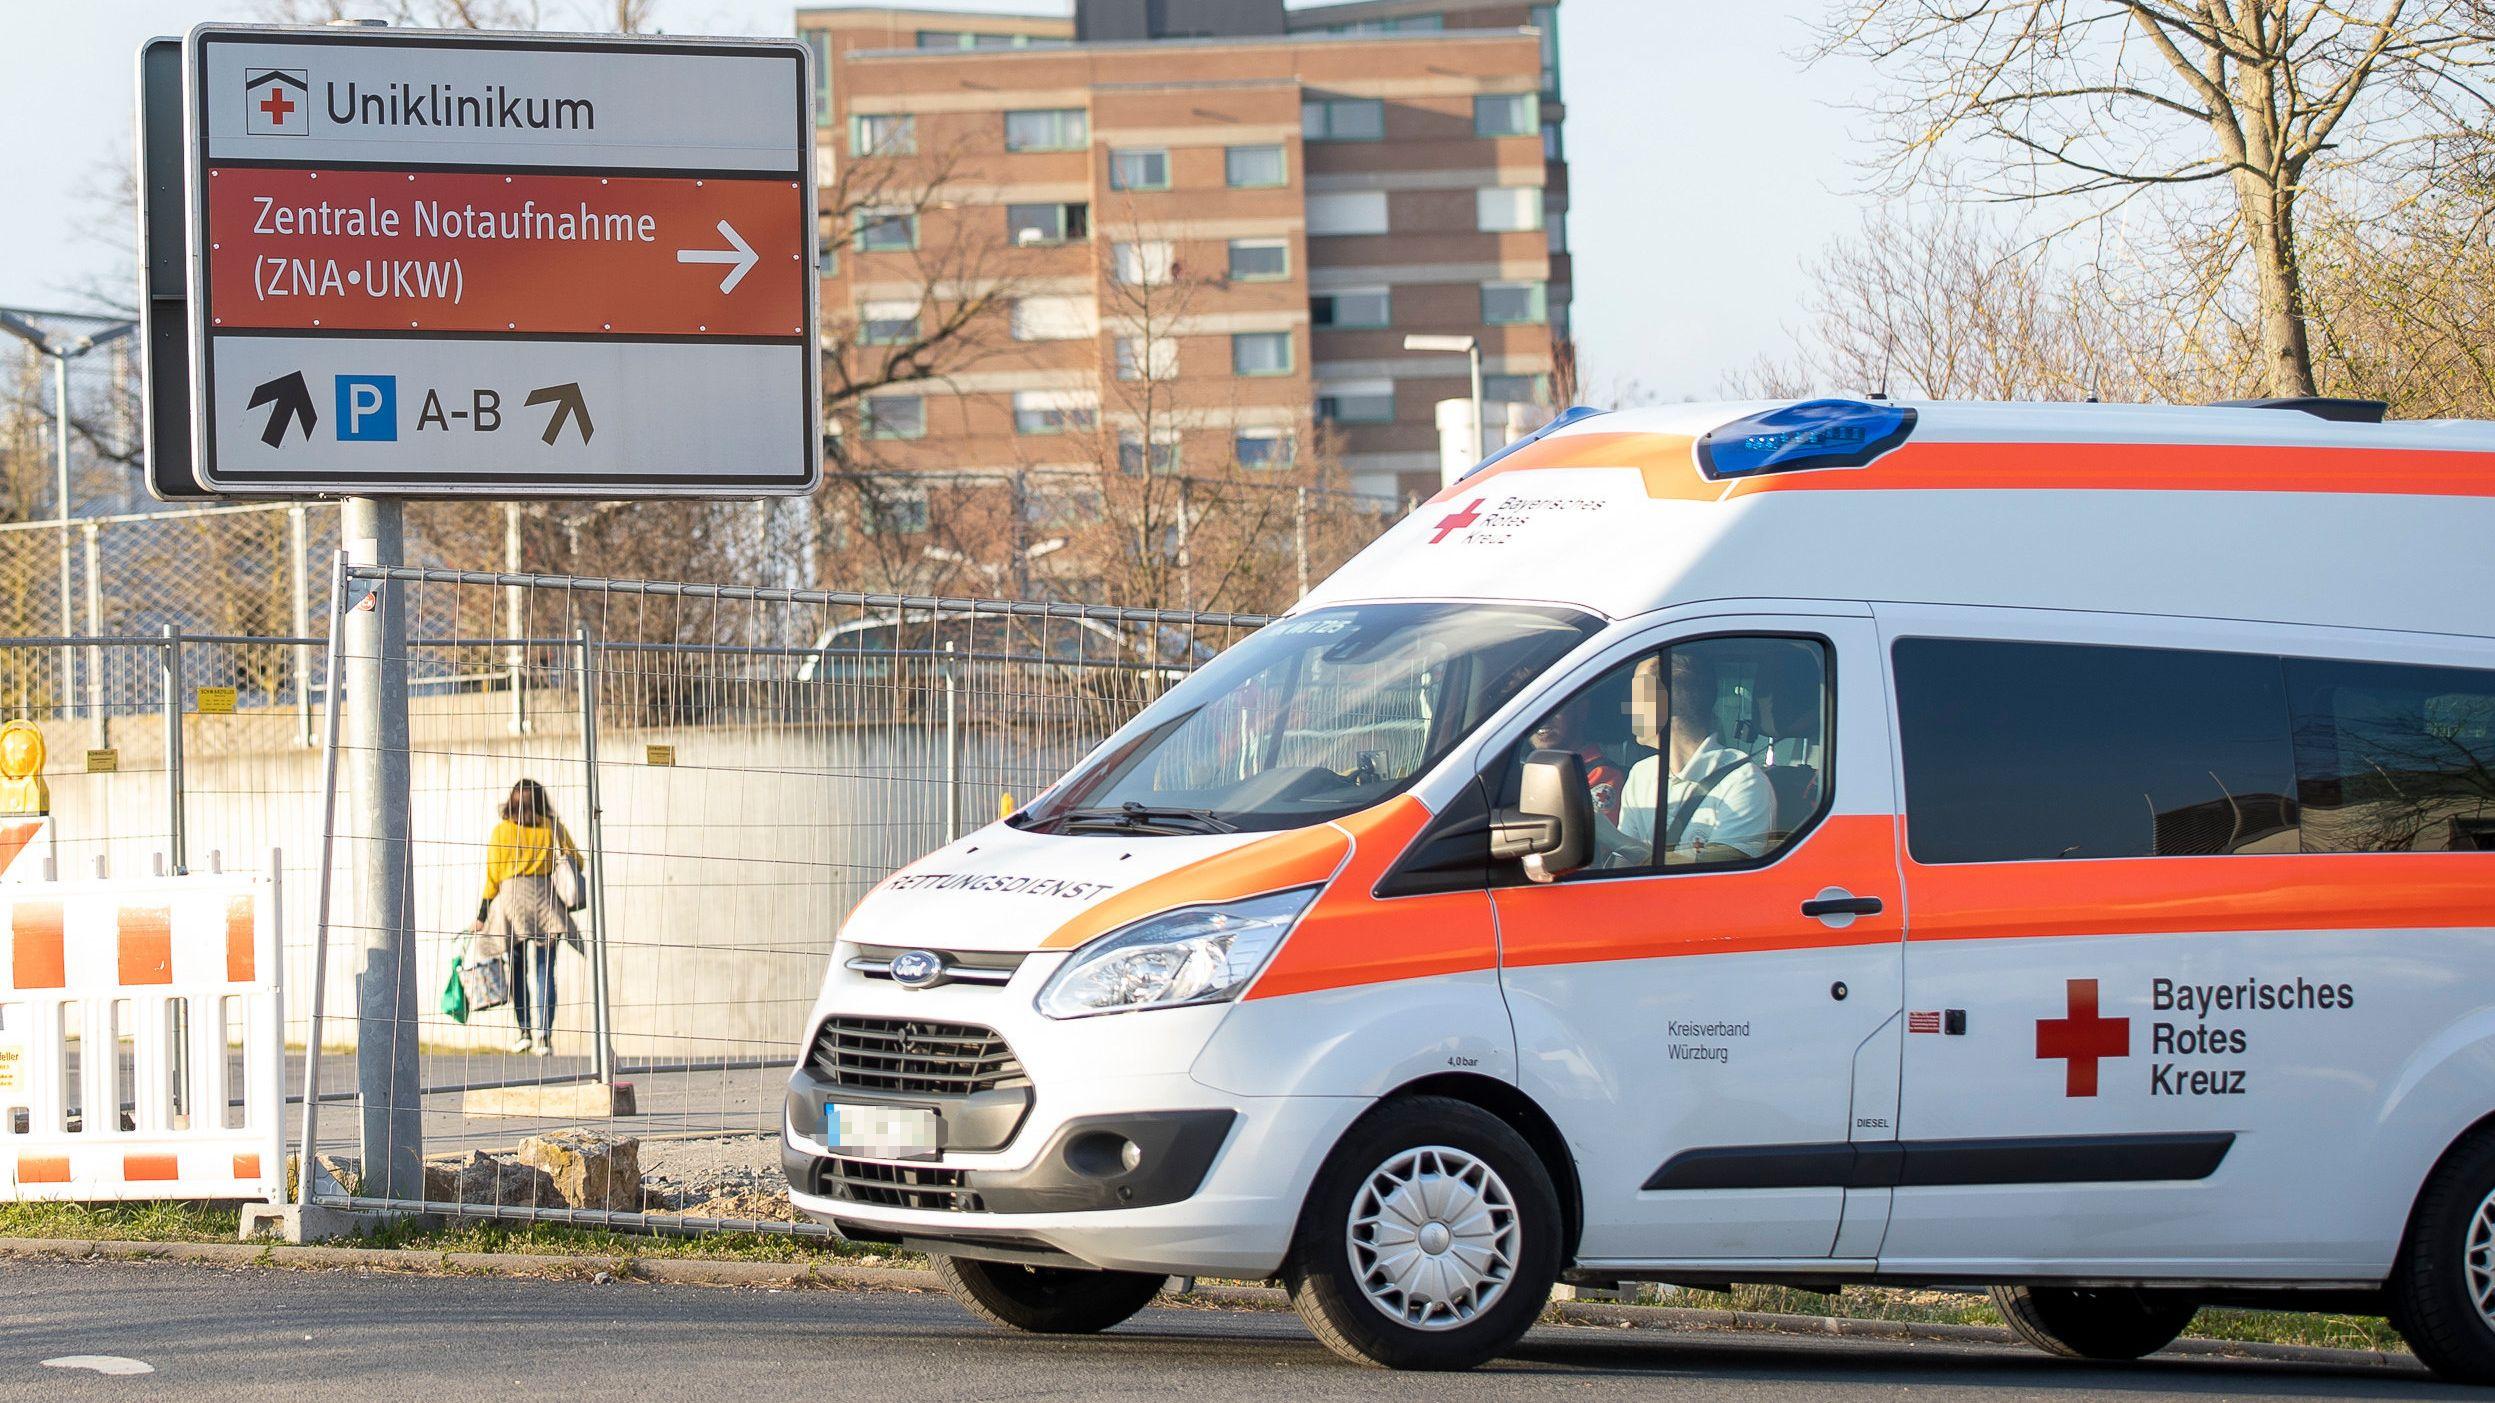 Ein Rettungswagen steht vor einem Schild, das auf die Uniklinik Würzburg hinweist.